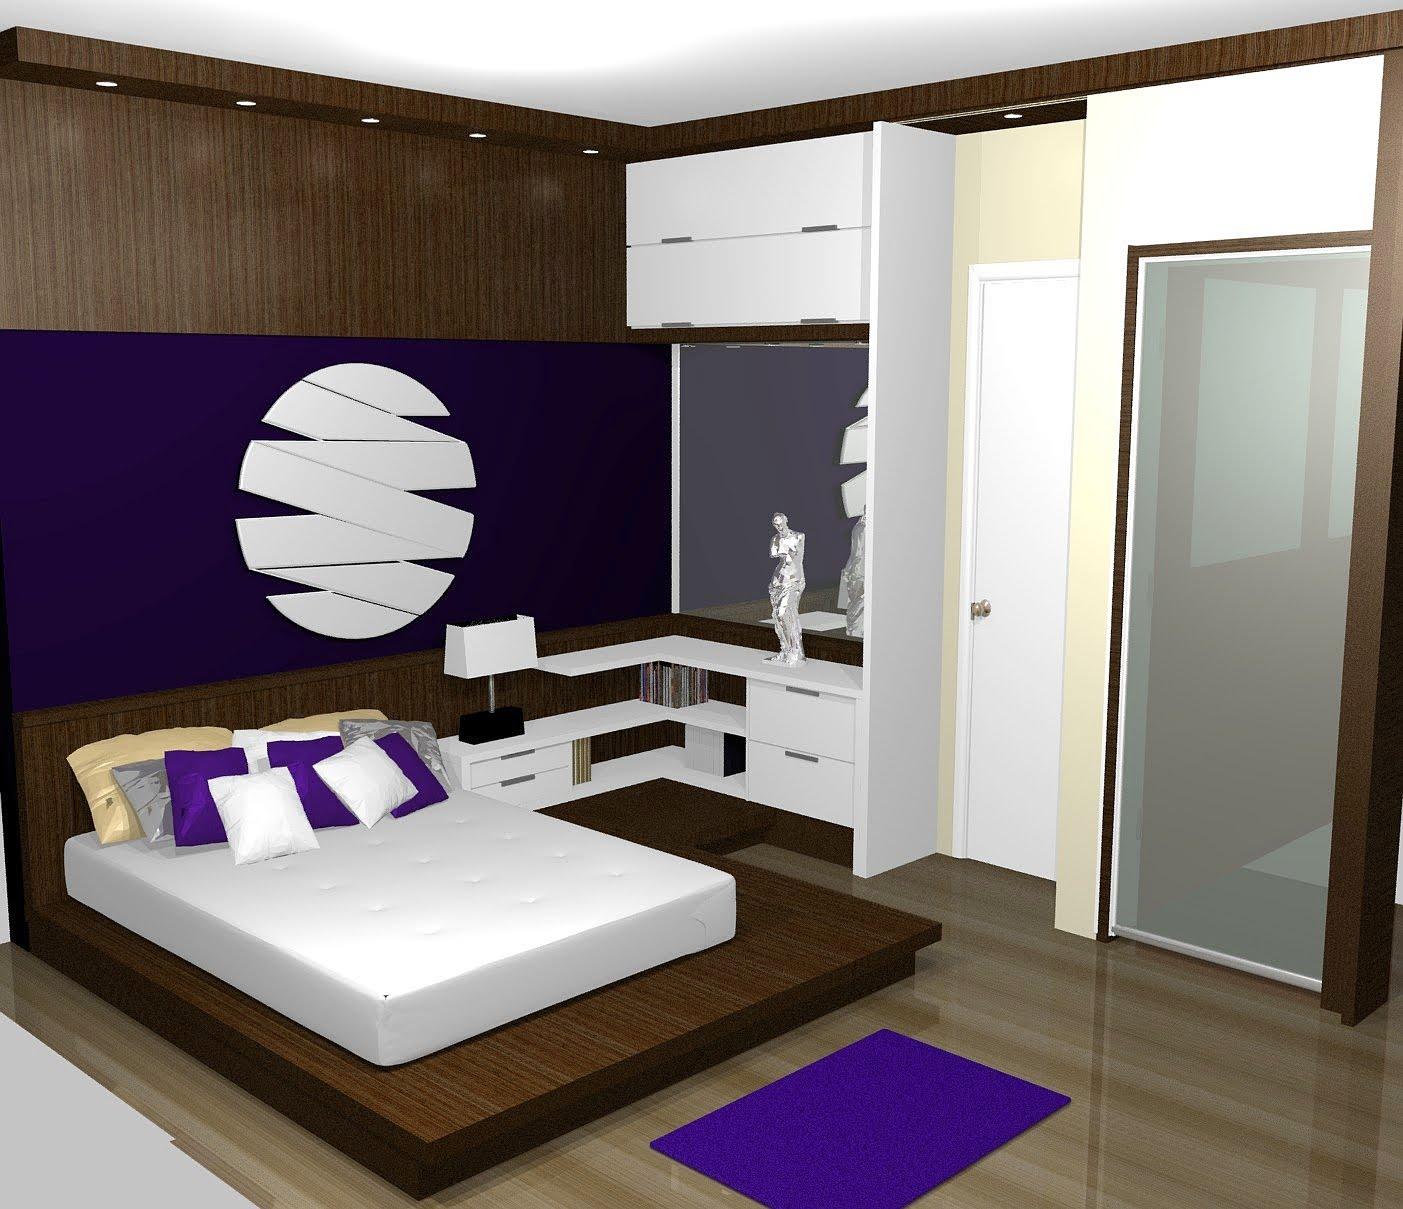 Dormitorio Casal Planejado Quarto Pequeno Redival Com